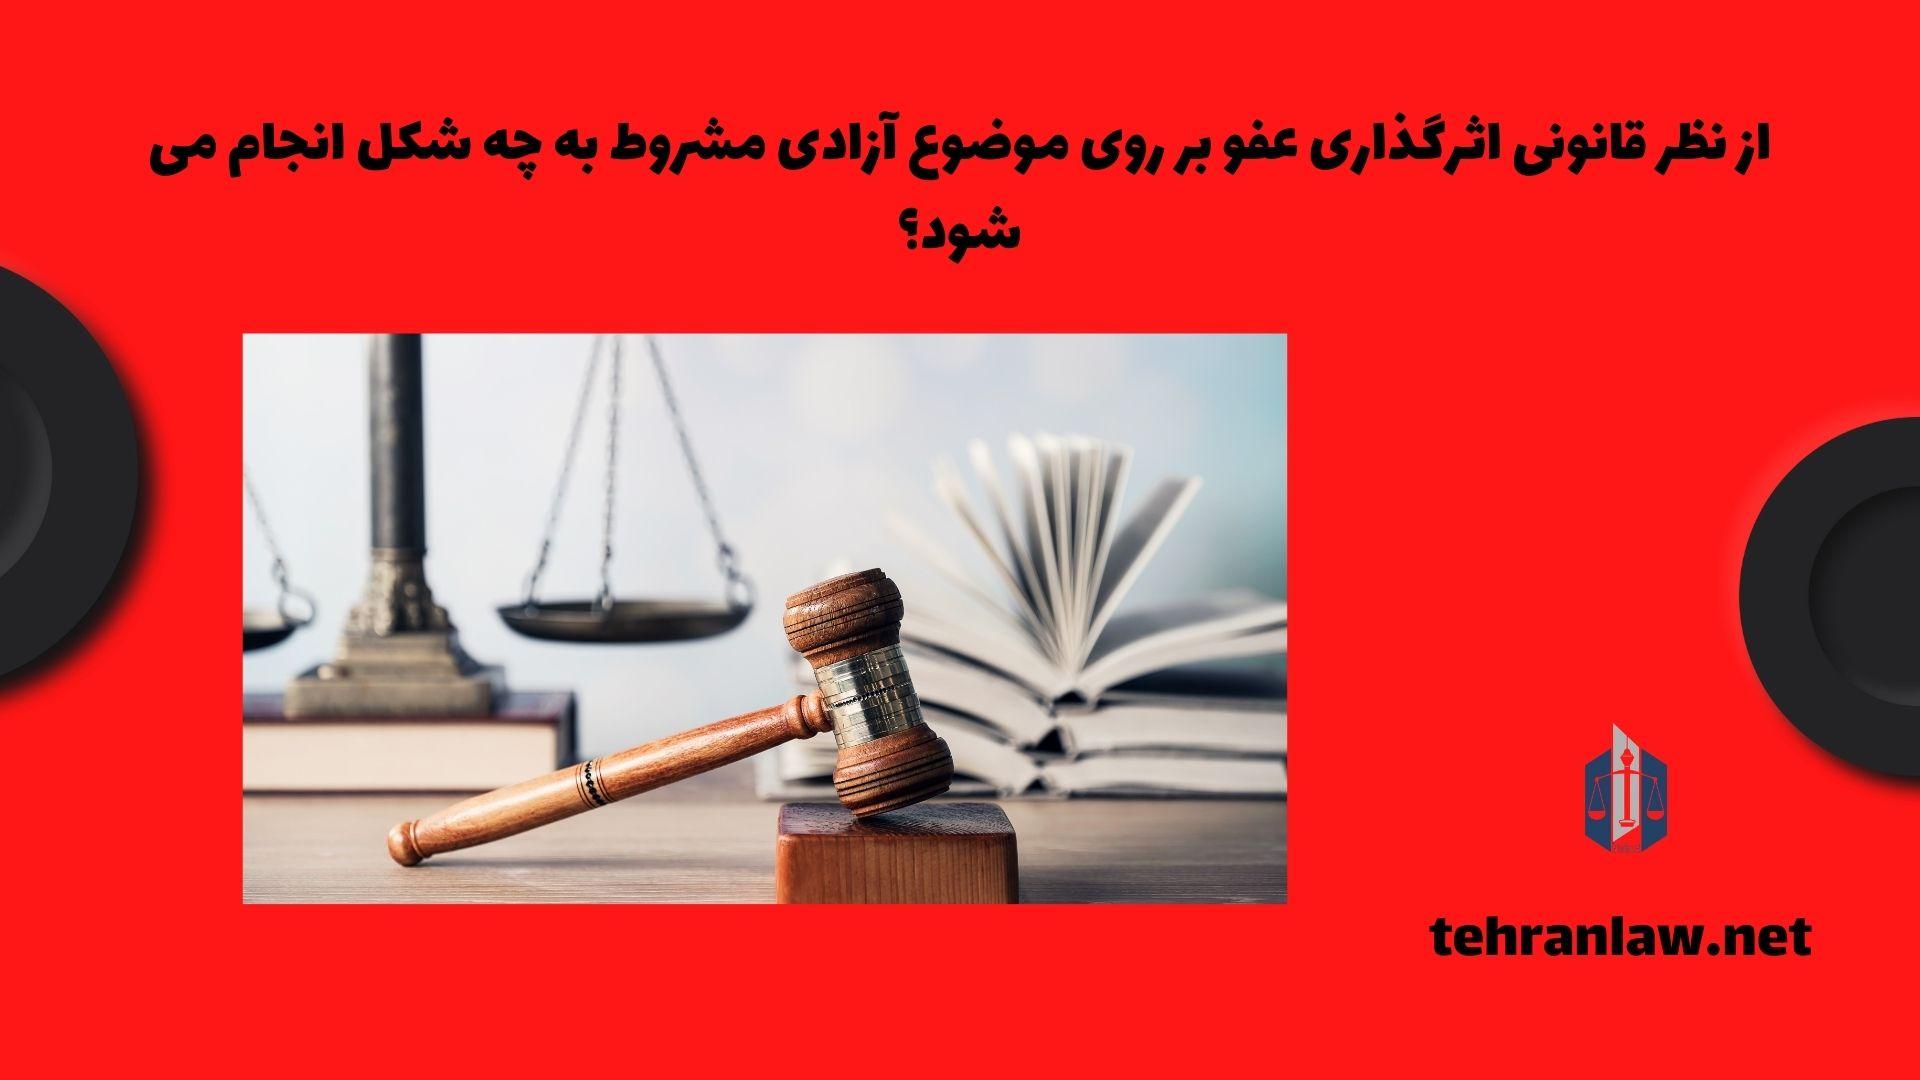 از نظر قانونی، اثرگذاری عفو بر روی موضوع آزادی مشروط به چه شکل انجام می شود؟